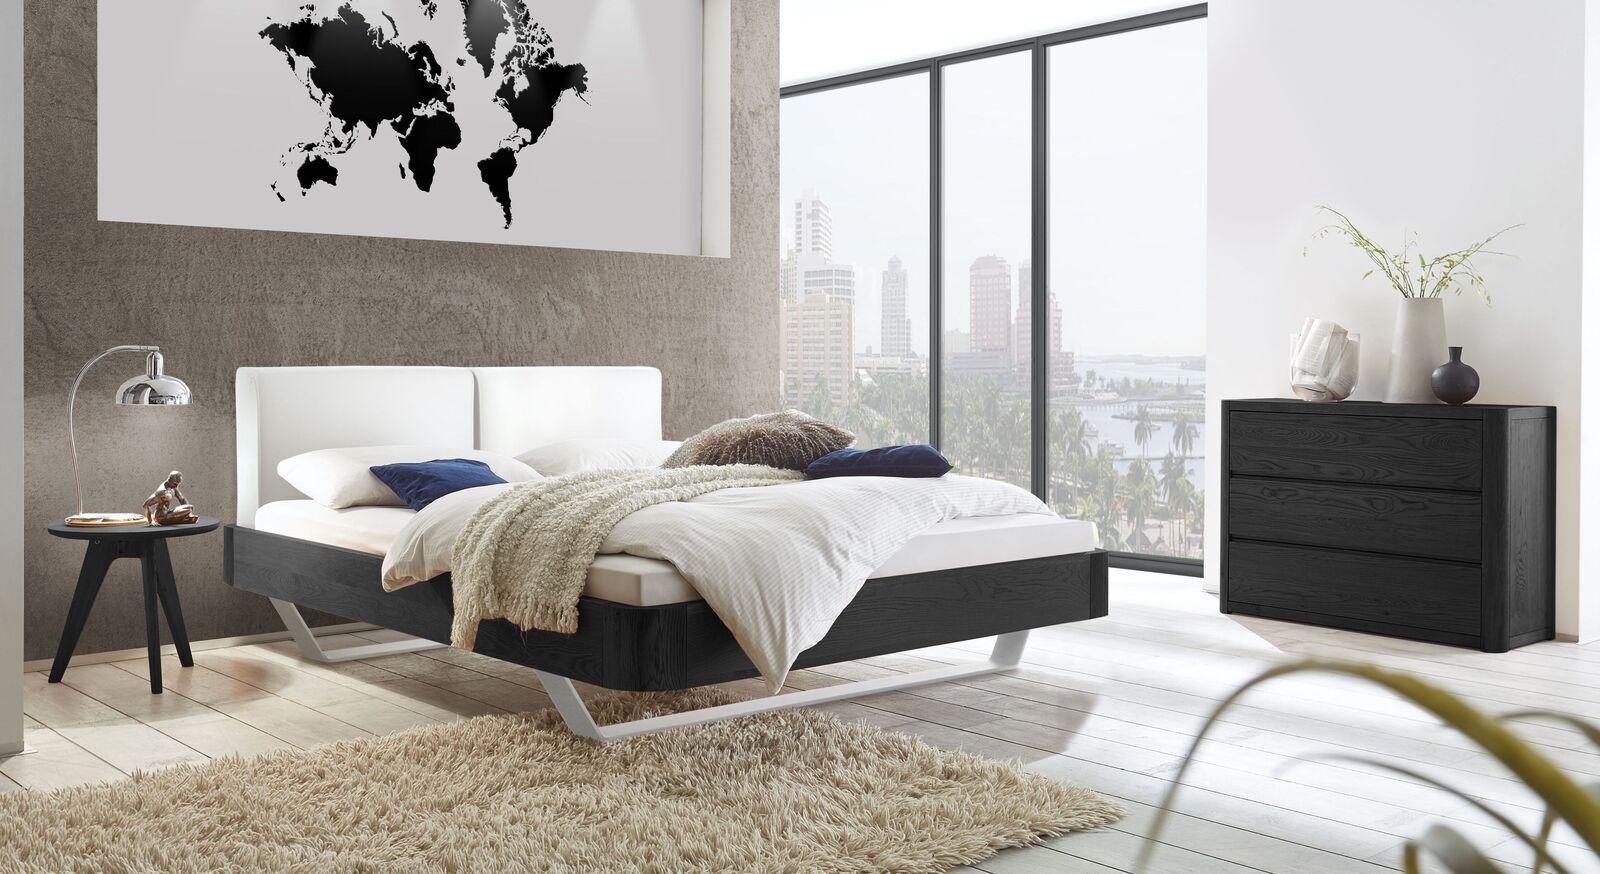 Passende Beimöbel zum Bett Poncas